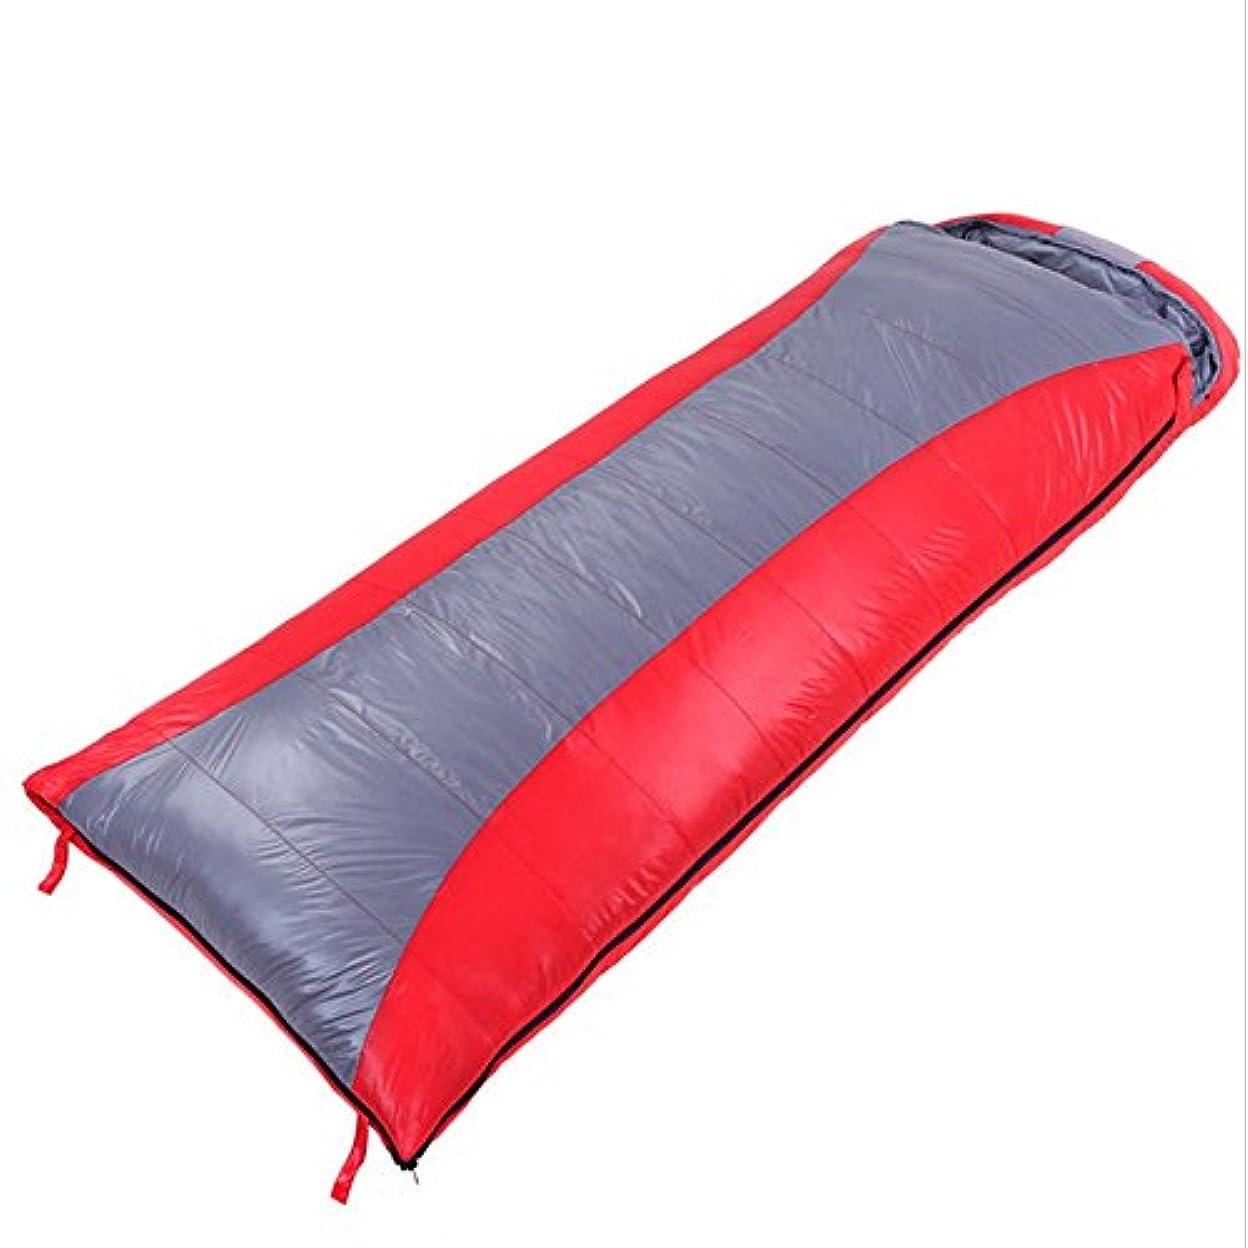 十一揮発性高価な屋外の暖かい冬のキャンプの超軽量シングル寝袋キャメル封筒ダウン寝袋 (色 : 赤)